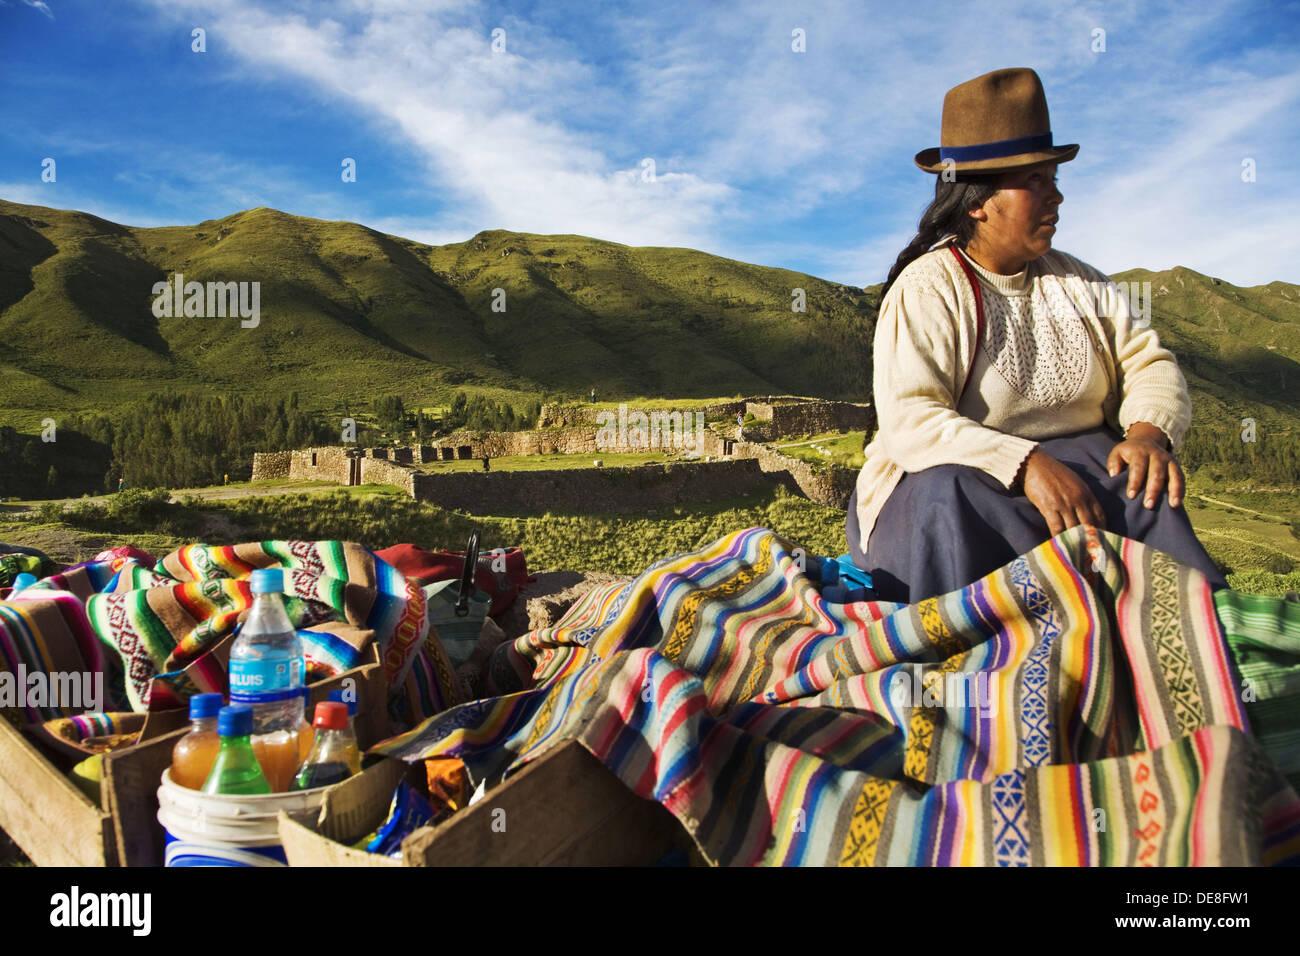 Mujer, Pucapucara complejo militar incaica, región de Cusco, Perú Imagen De Stock